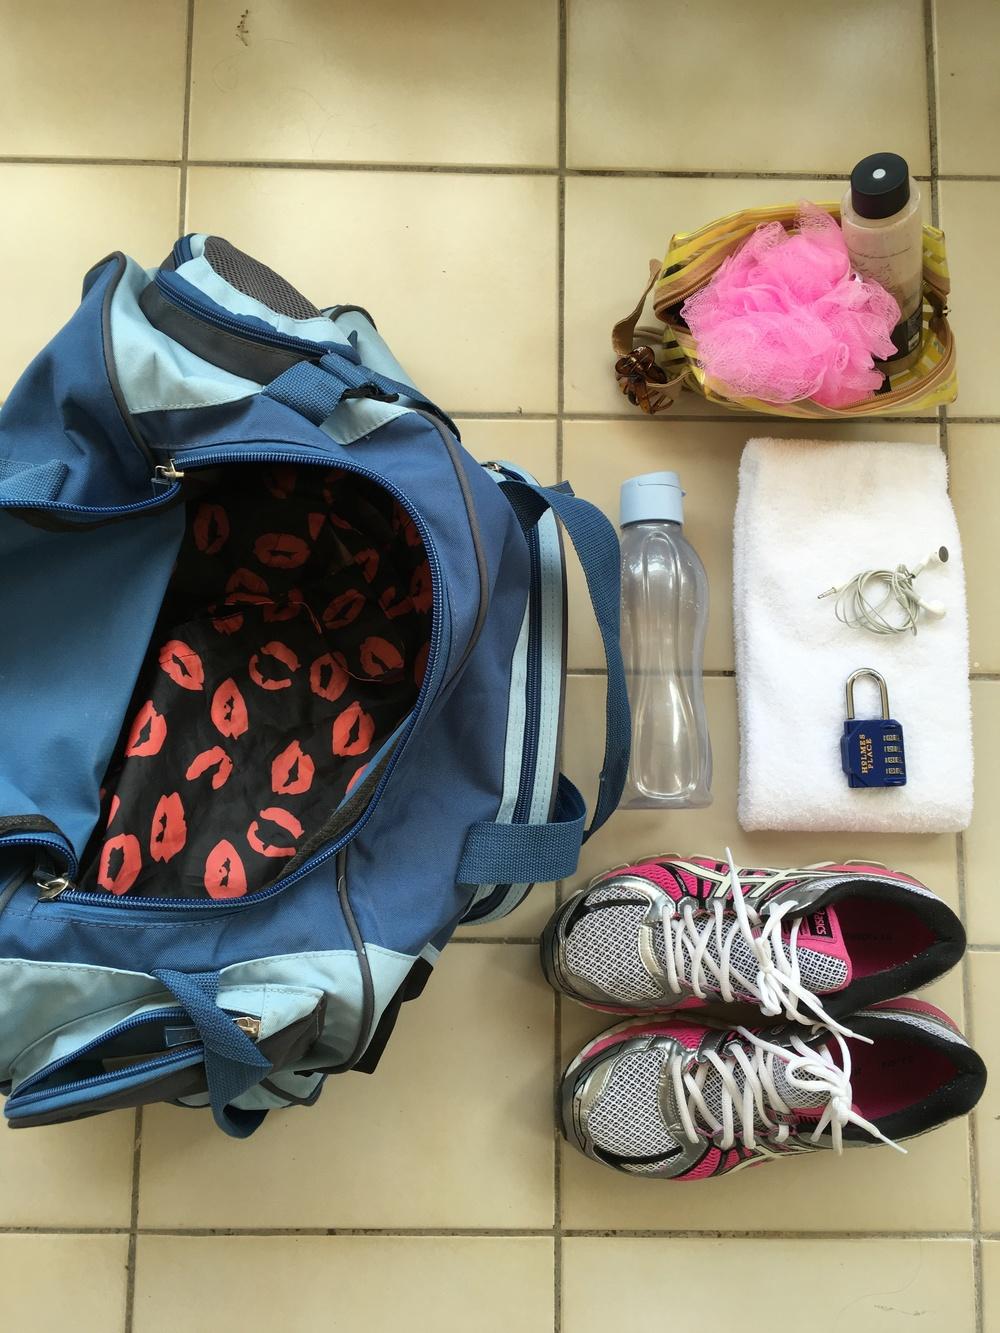 Μην αλλάζεις τσάντα! Πάρε μία και έχε την μόνο για το γυμναστήριο. Αλλιώς κινδυνεύεις να έχεις αφαιρέσει κάτι από τα απαραίτητα για το ντουζάκι σου.